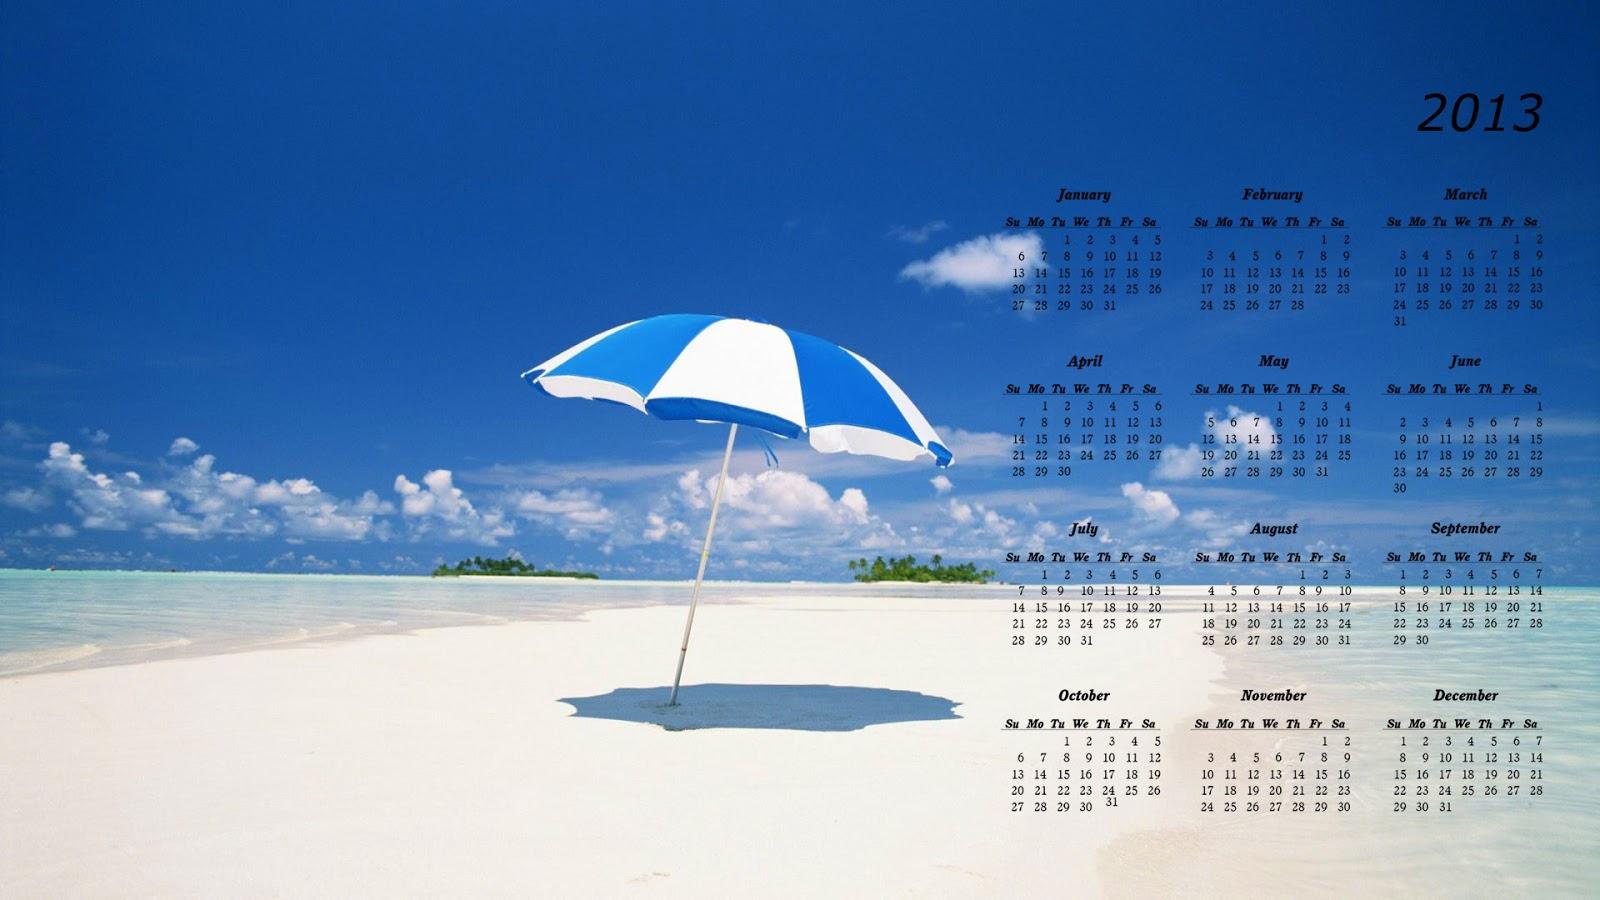 http://3.bp.blogspot.com/-UYEaQ-00GR4/UNGGy2rWmcI/AAAAAAAABpU/93rdQzBeDek/s1600/2013-calendar-desktop-wallpaper-2.jpg